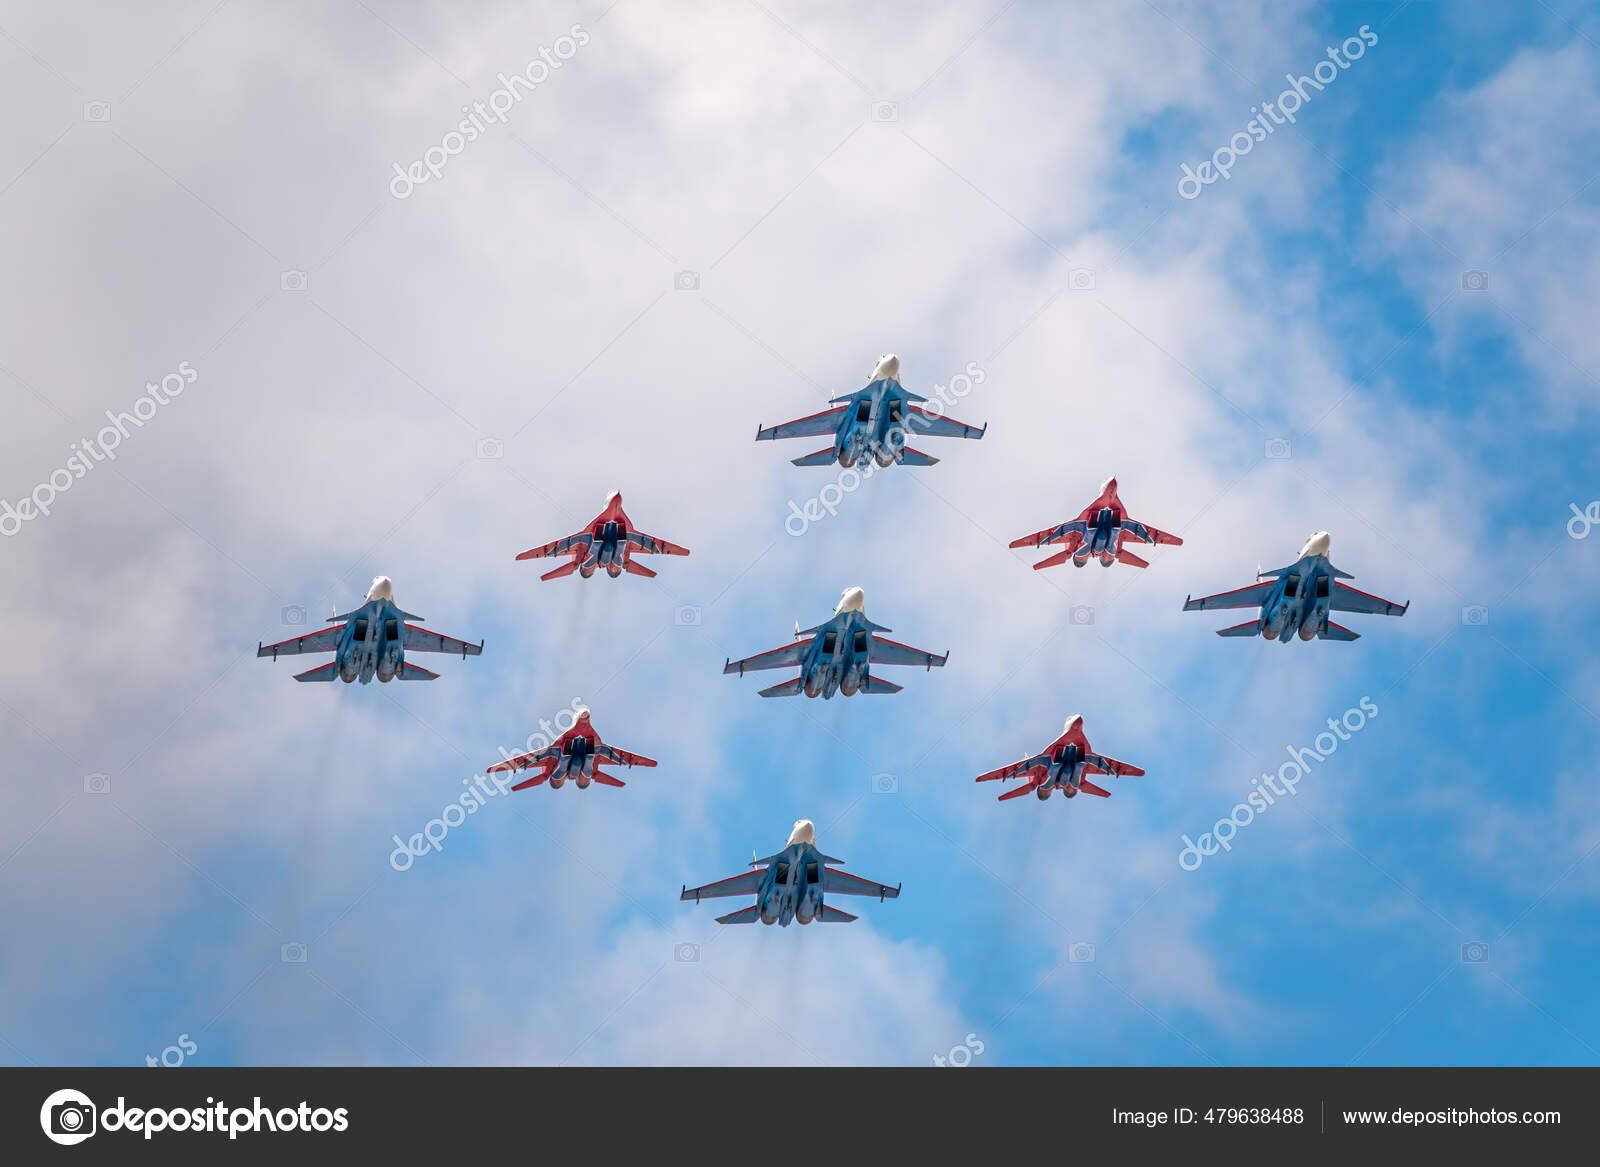 Moscú Rusia Mayo 2021 Forma Diamante Mig Los Caballeros Rusos Foto Editorial De Stock Wert1007 Gmail Com 479638488